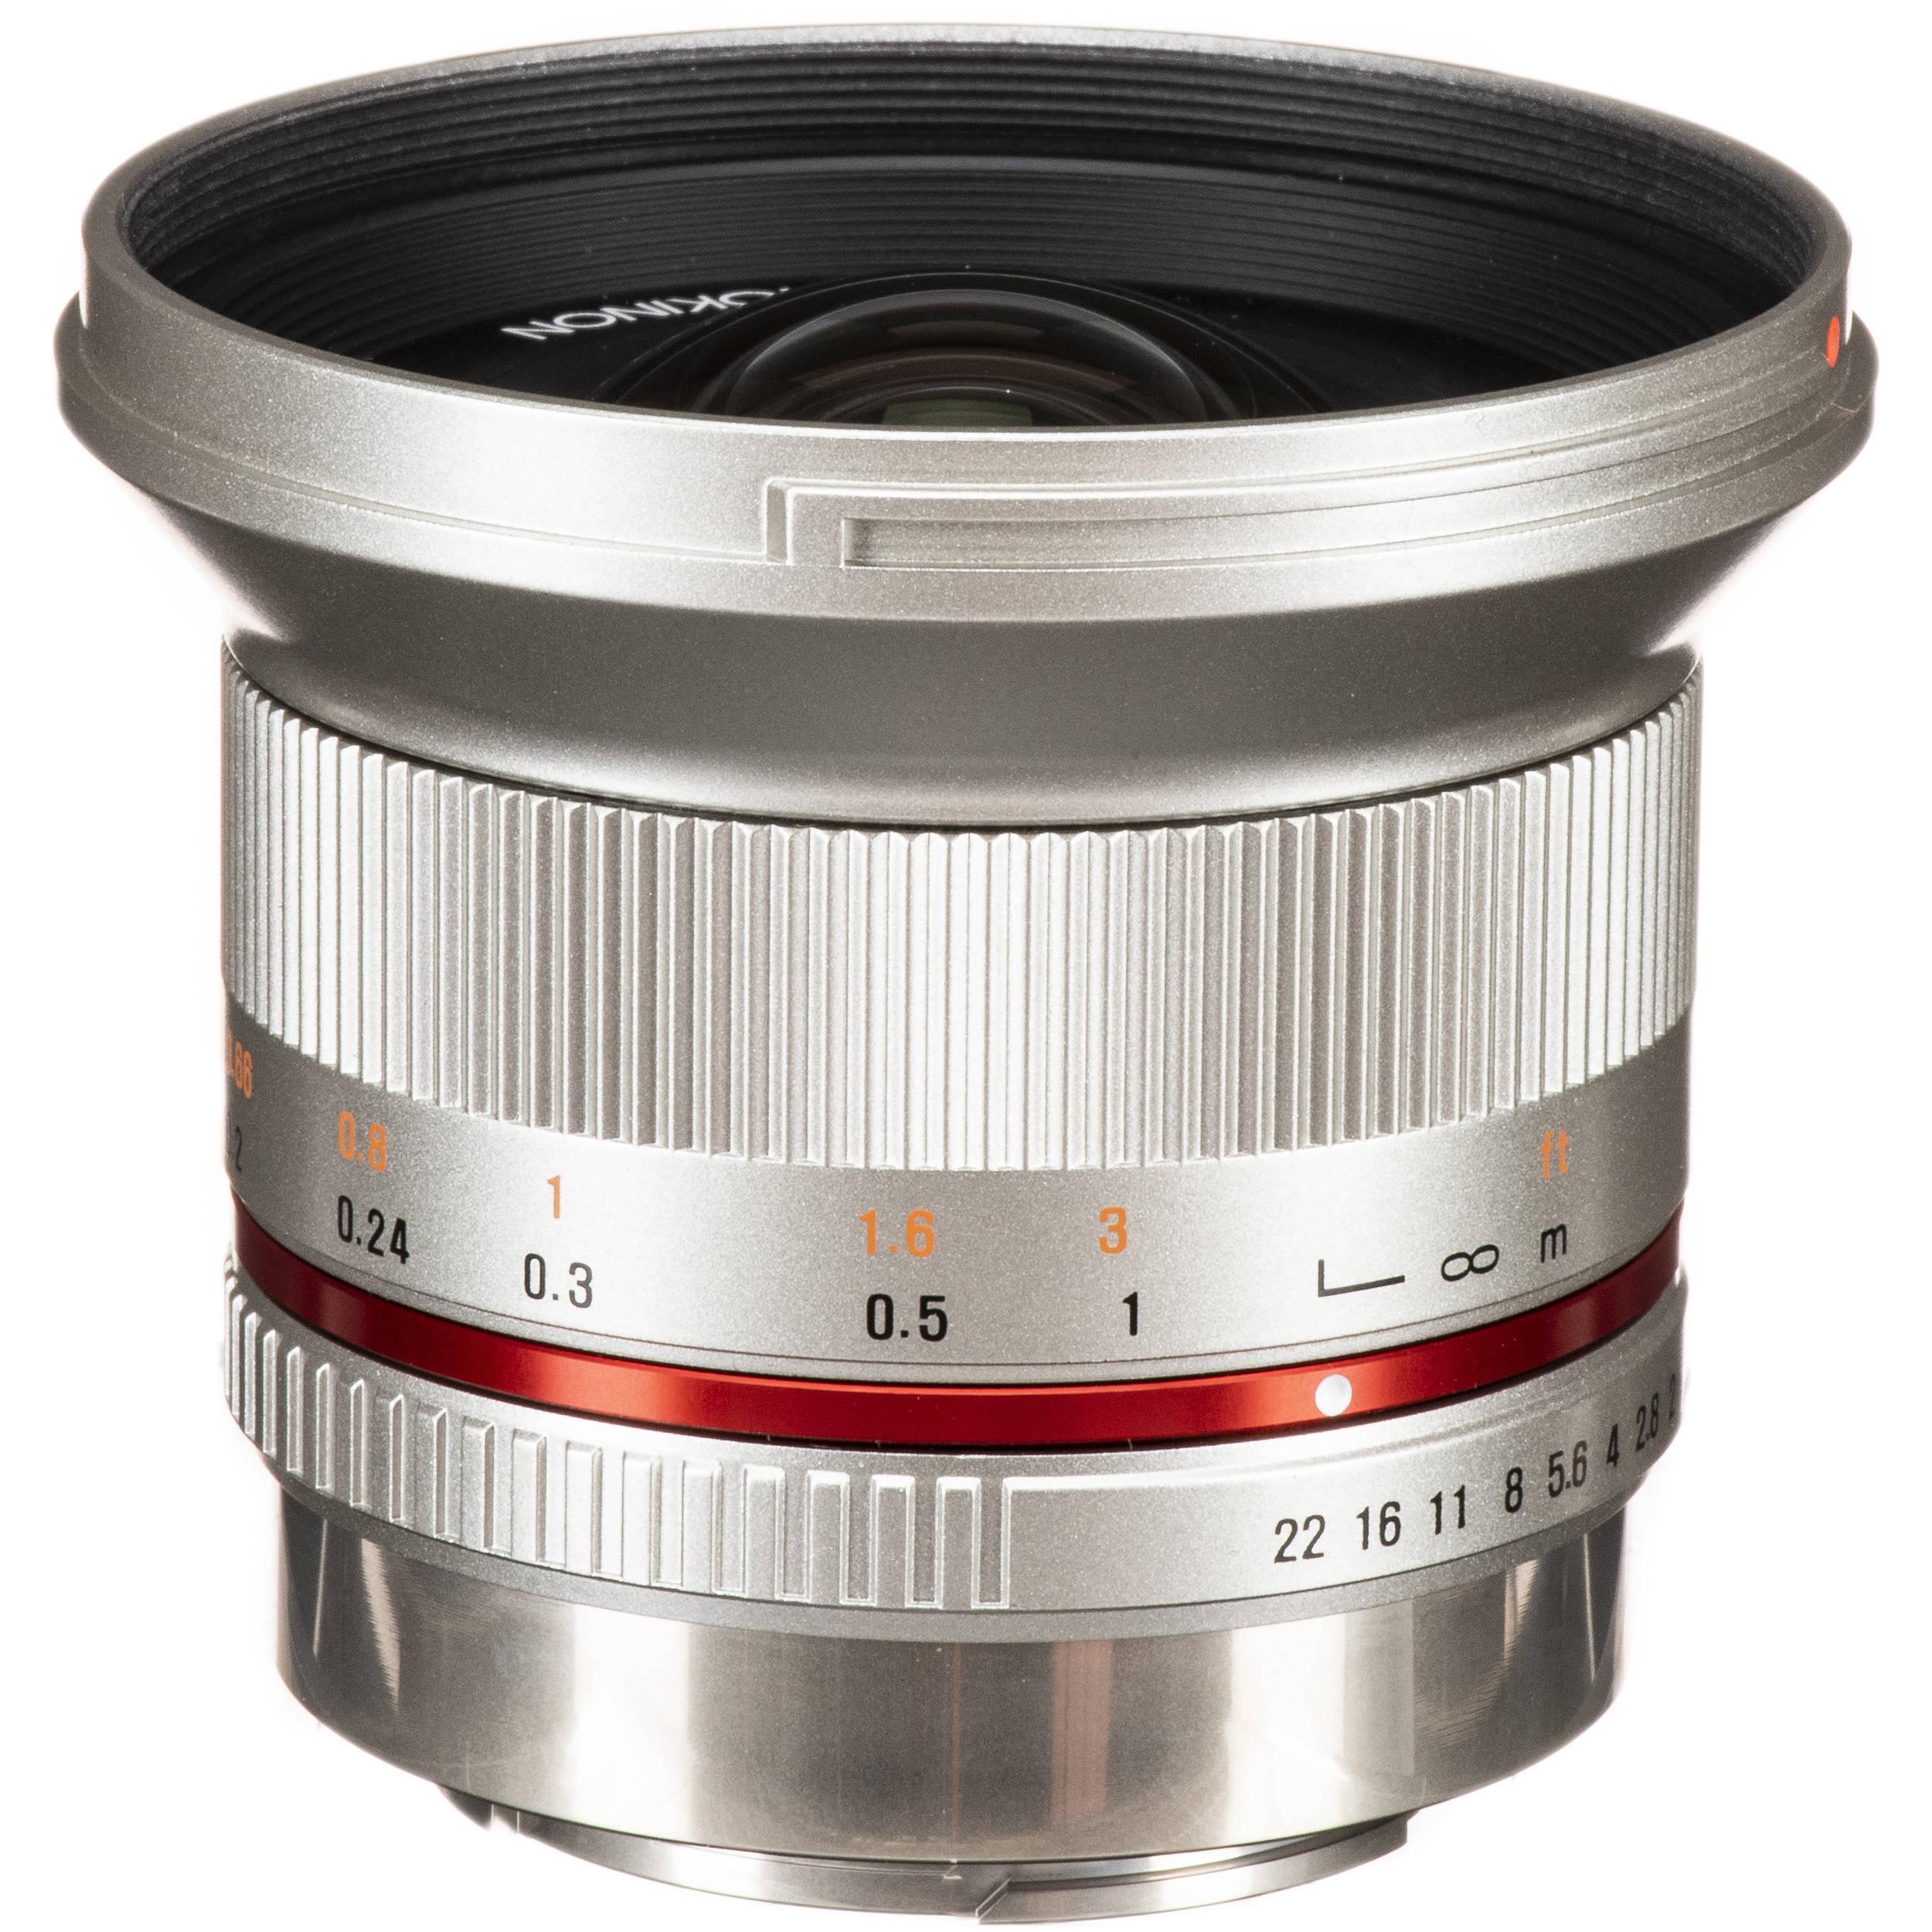 Rokinon 12mm f/2 0 NCS CS Lens for Fujifilm X Mount (Silver)